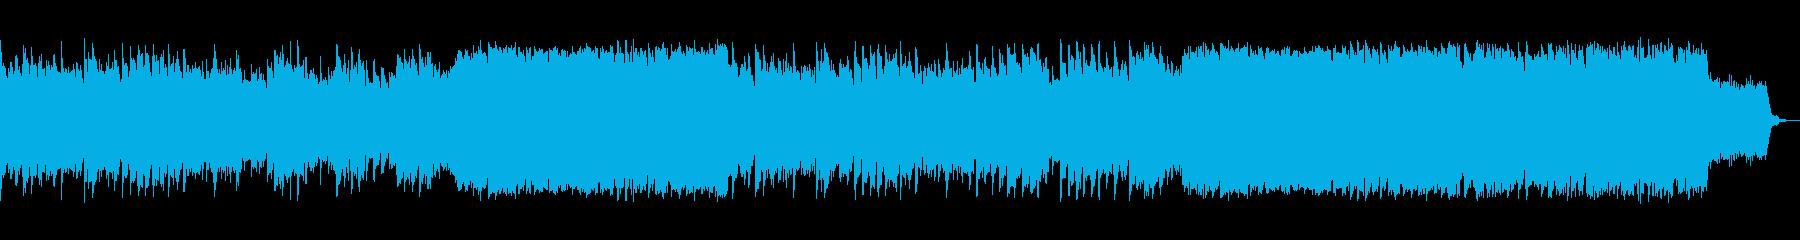 雨上がりをイメージしたバラード曲の再生済みの波形